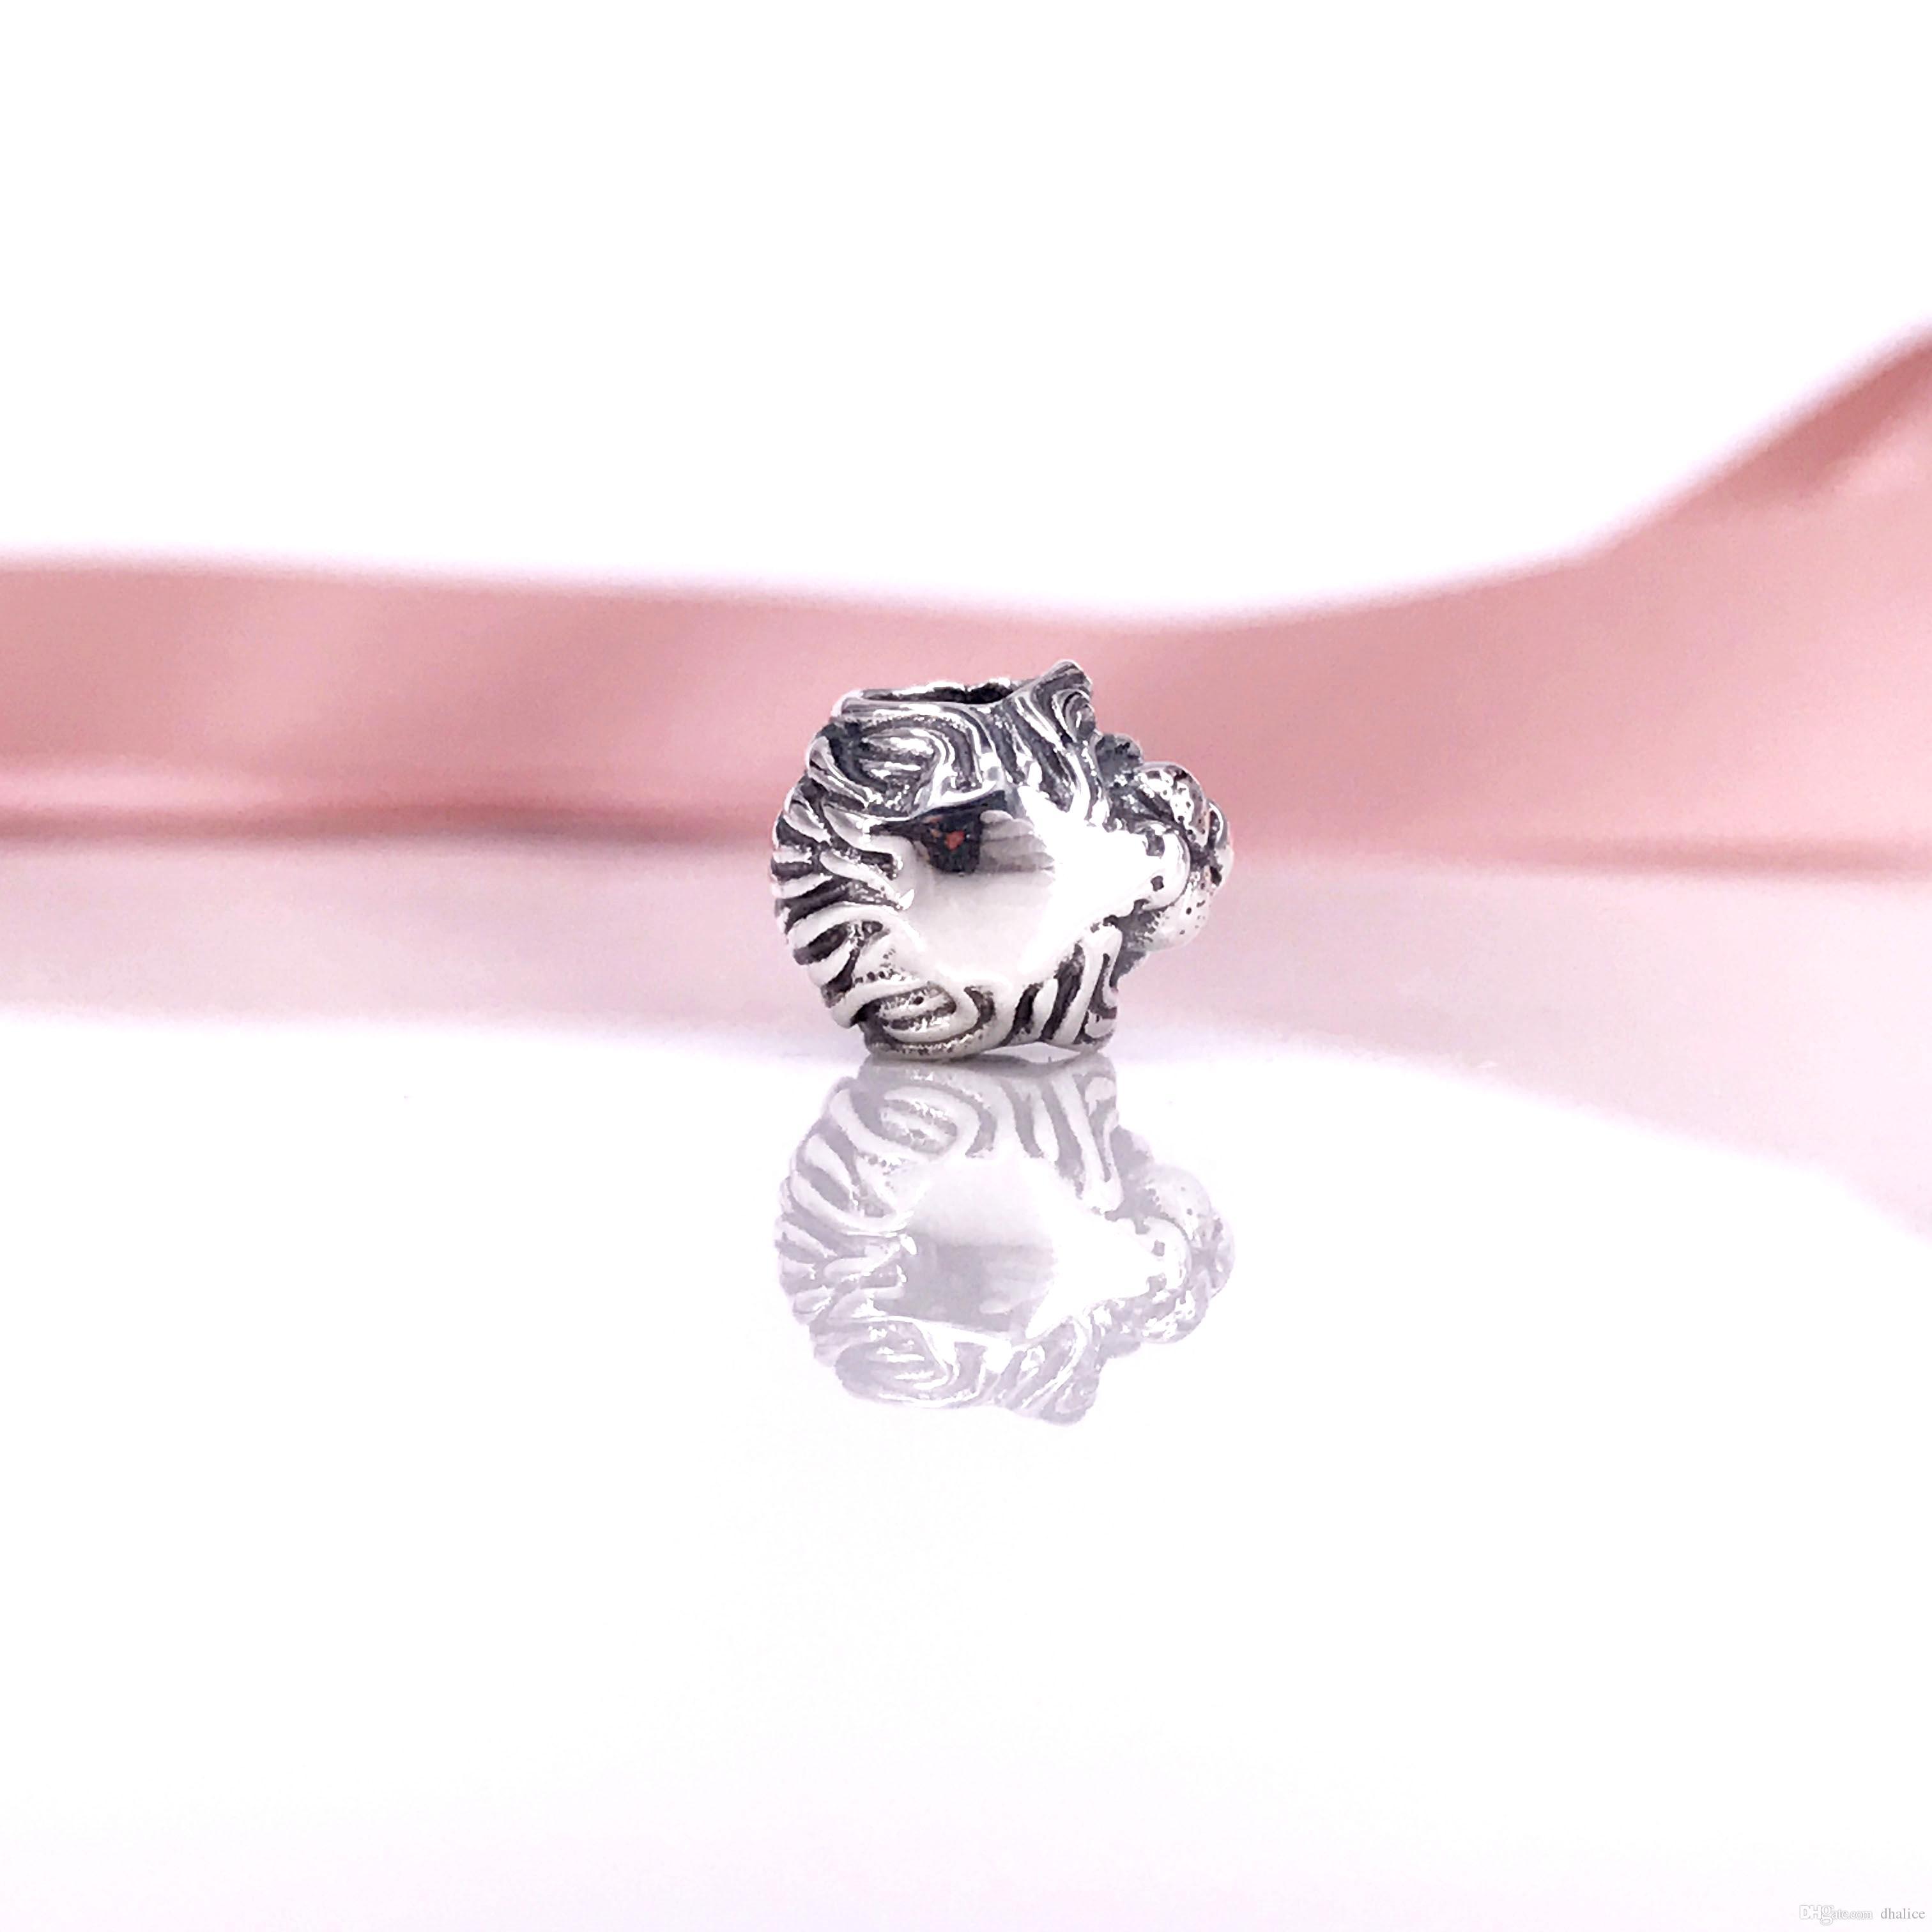 Auténtico 791377 Collar de león de plata esterlina Pandora 925 Cabeza y plata Pulsera de encanto Fit DIY DGNVM